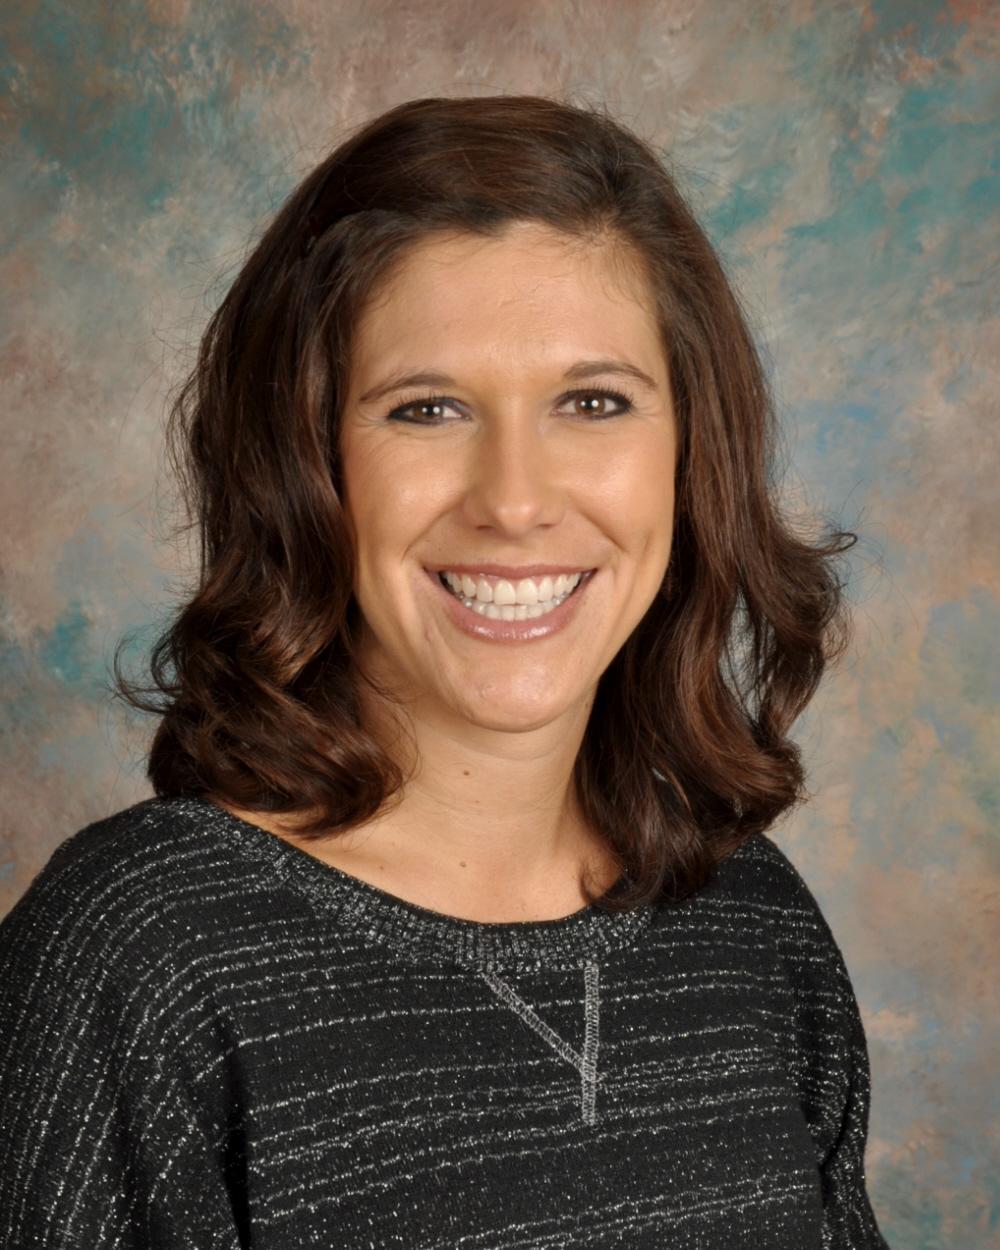 Burgess Sarah About Teacher: Eckard, Jessica / About Teacher